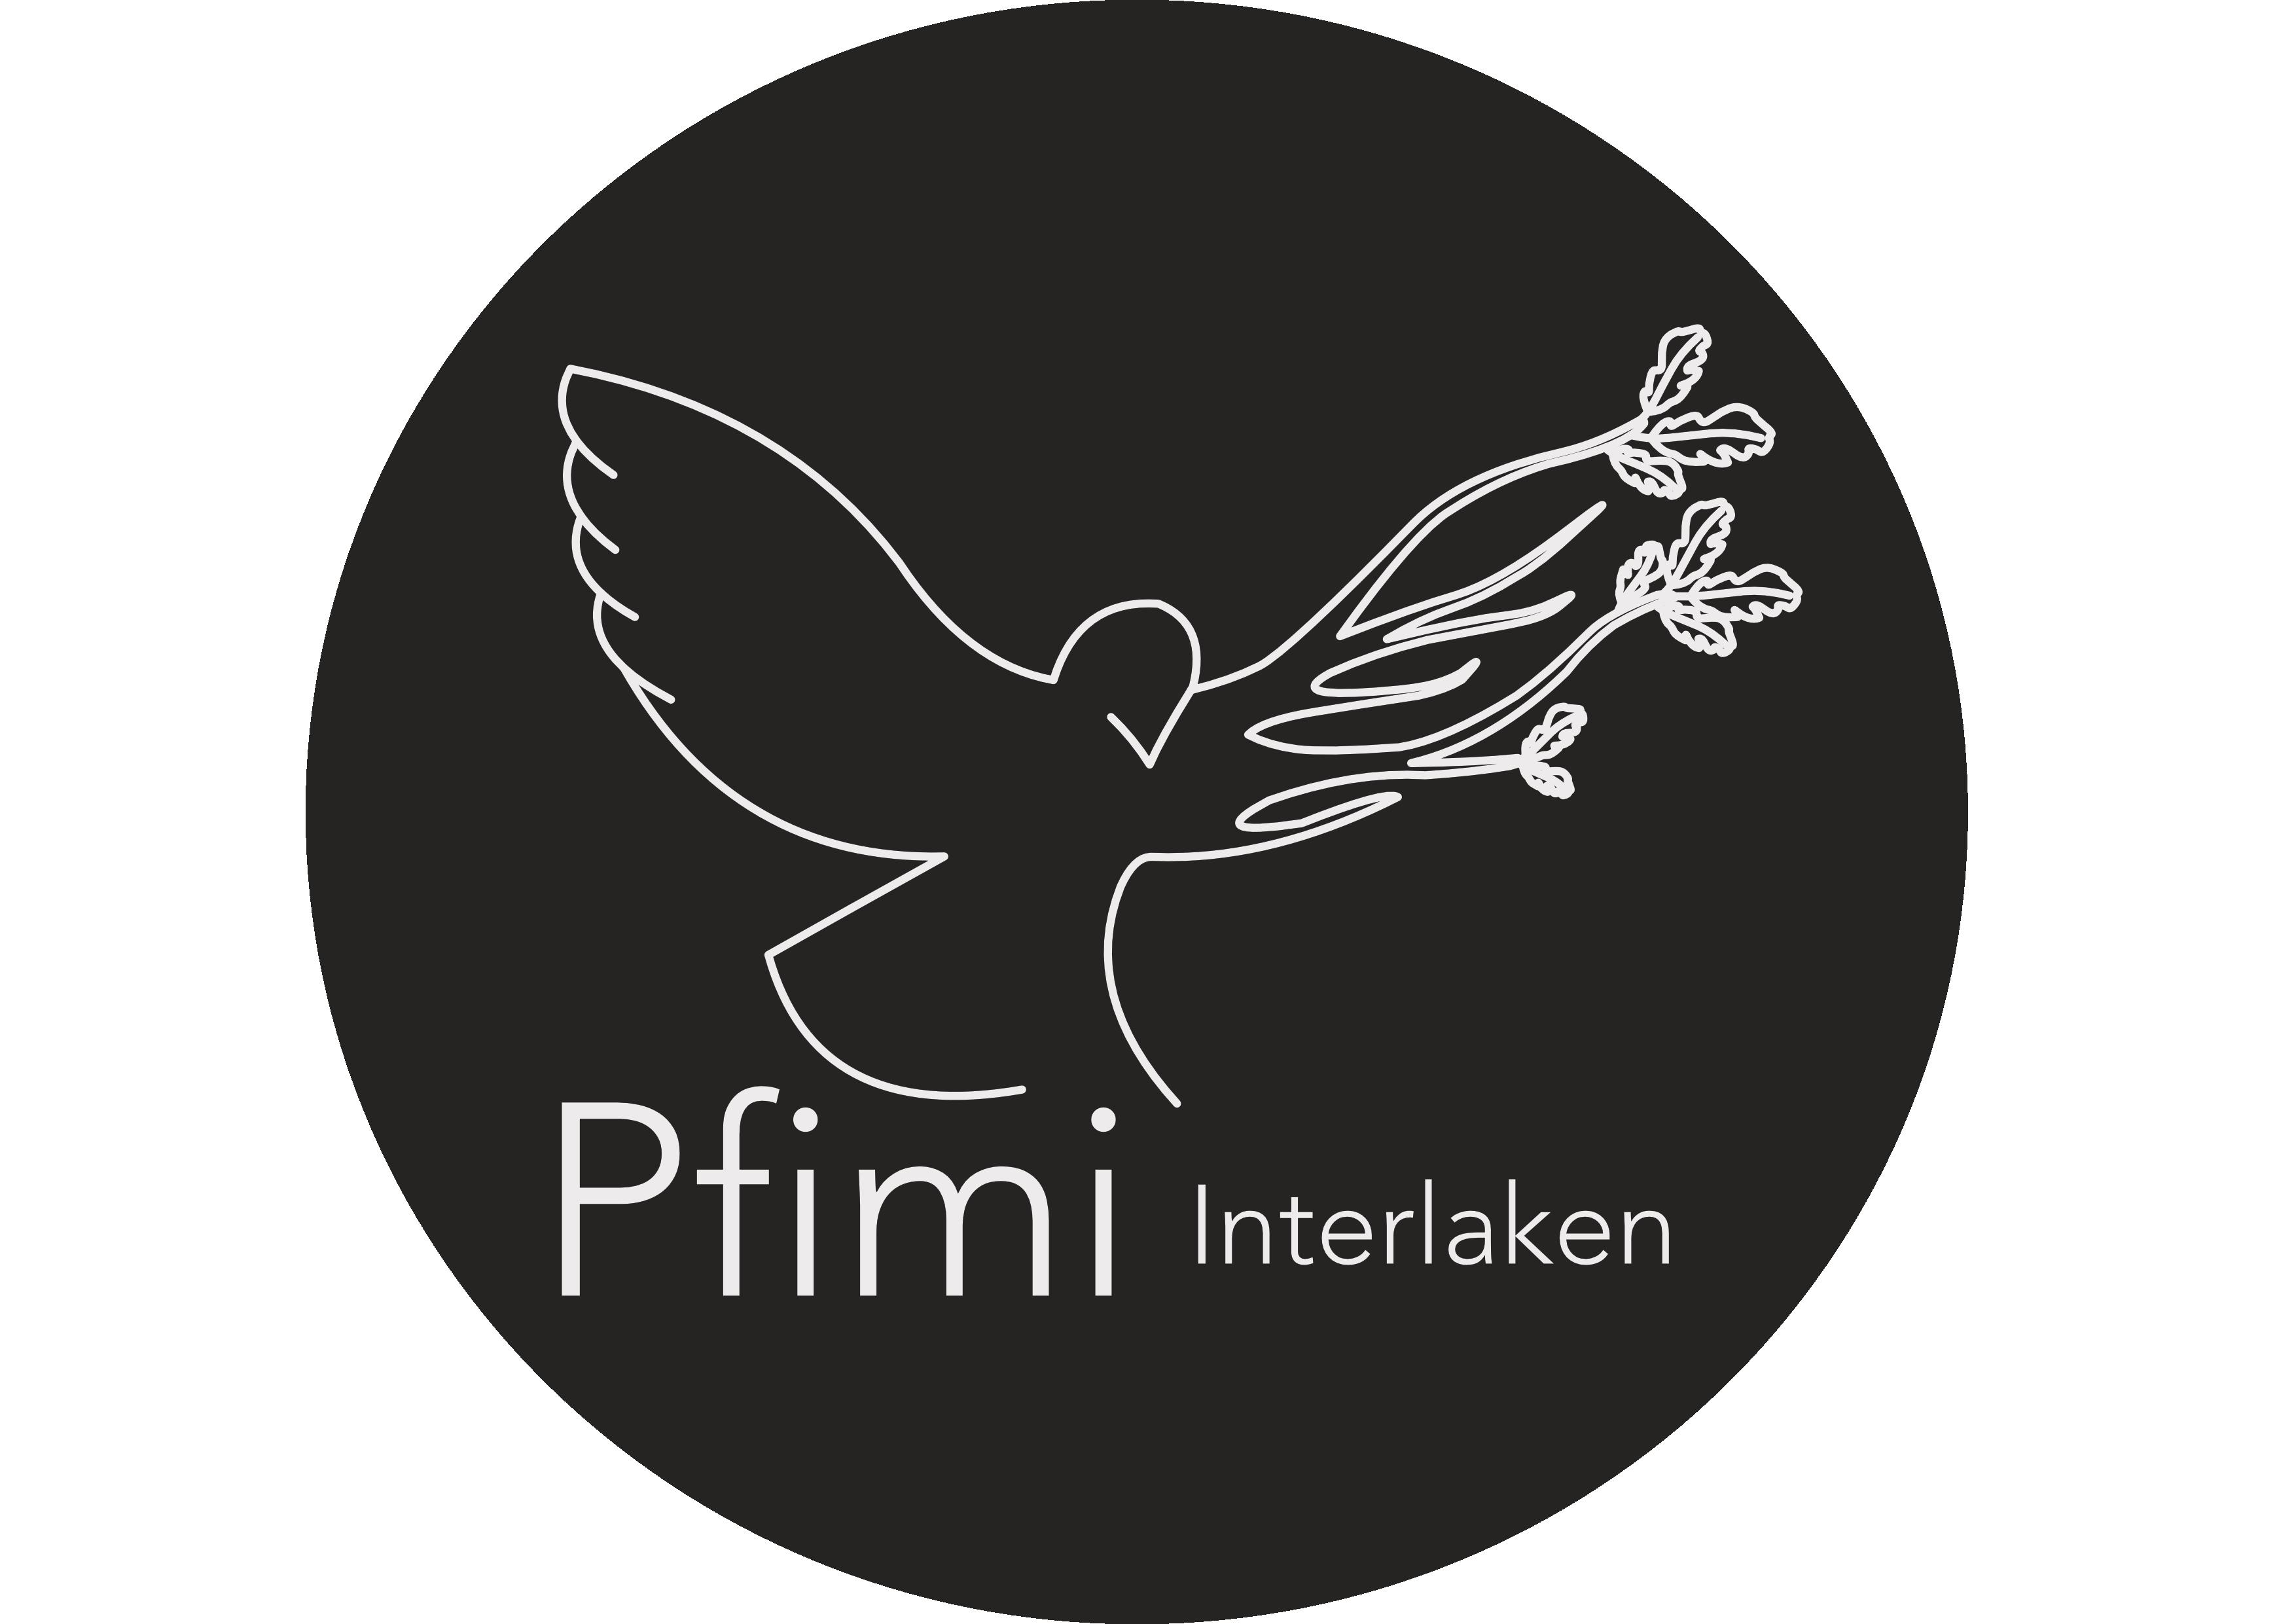 Pfimi Interlaken